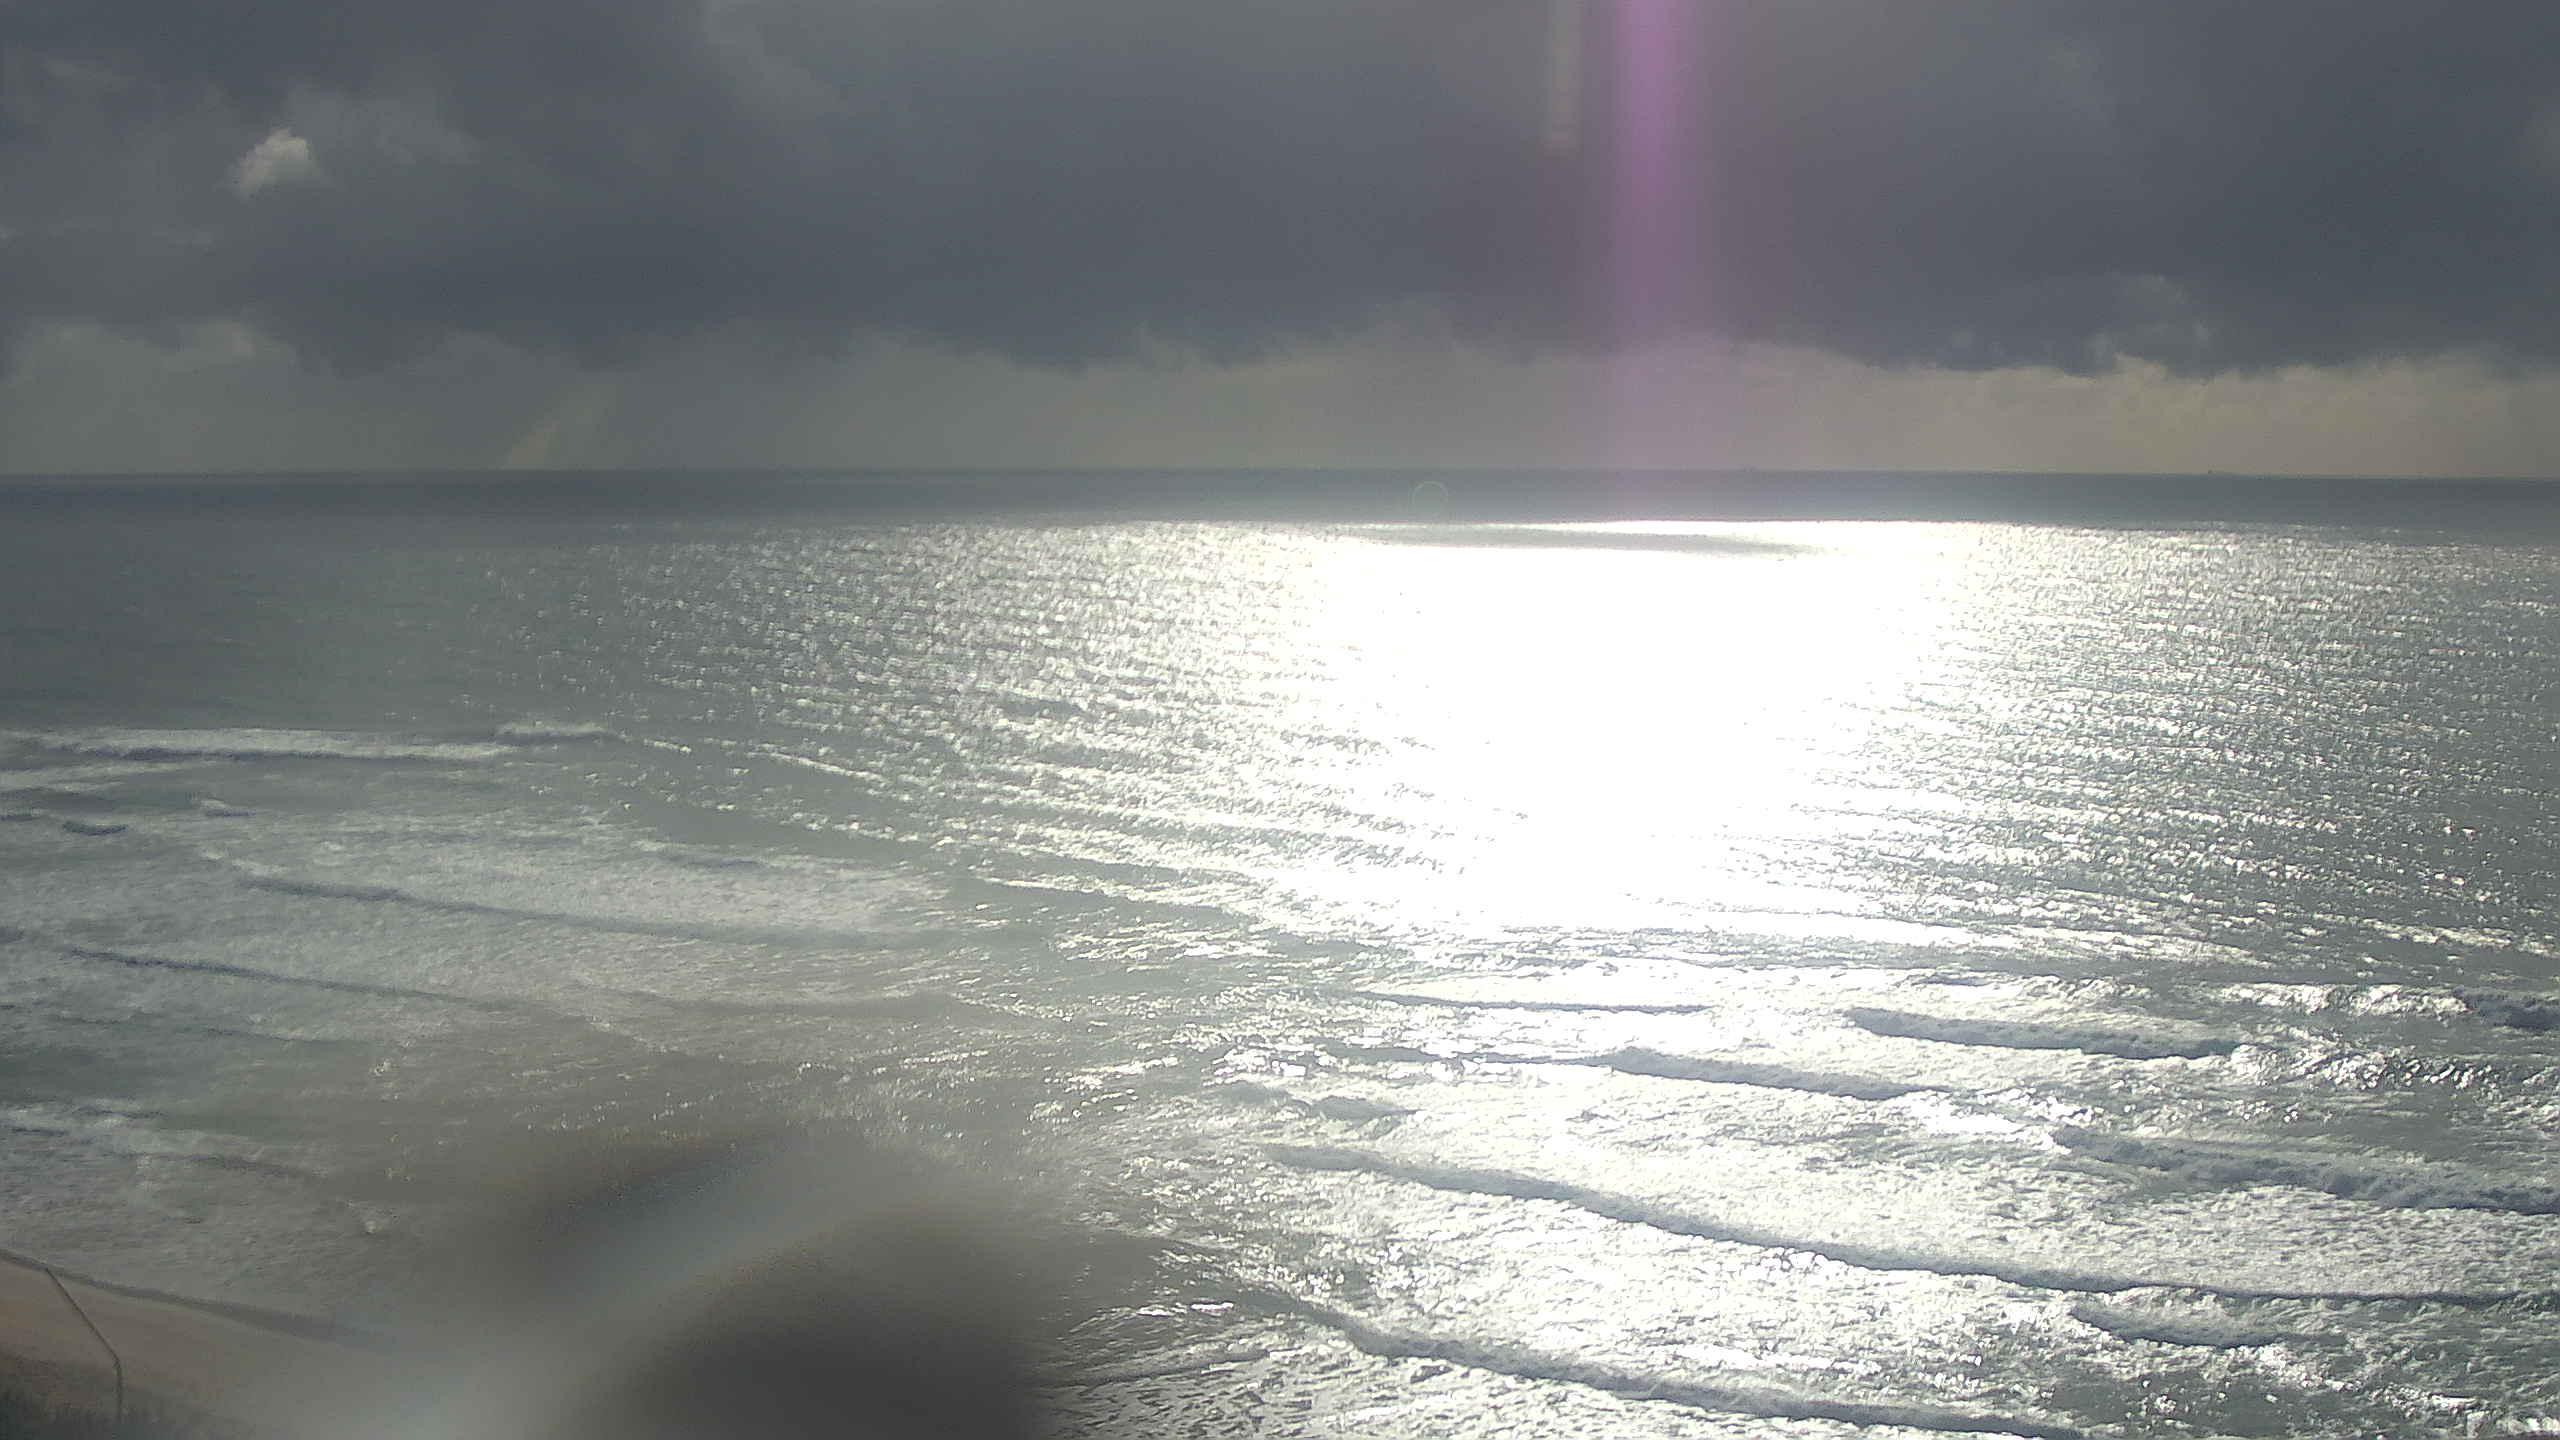 Maroochy River surfcam still image